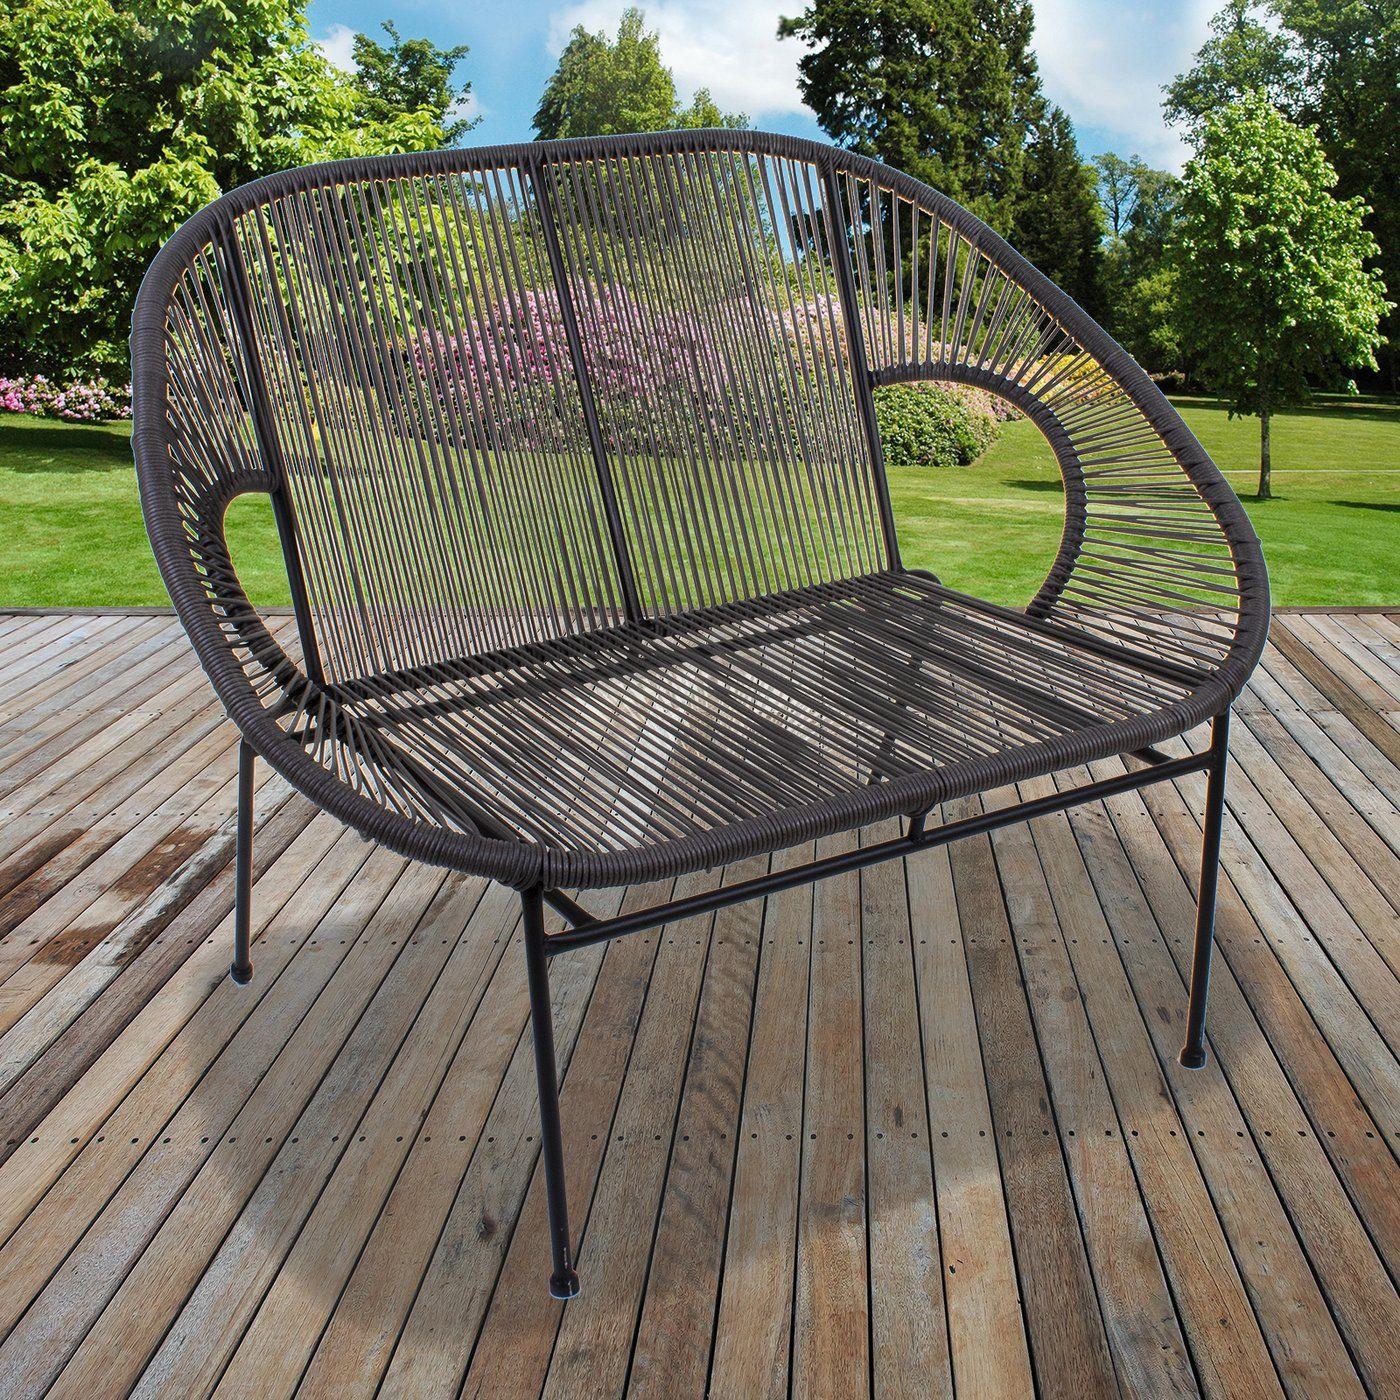 Rattan Bench - Grey in 2020 | Rattan, Bench, Outdoor